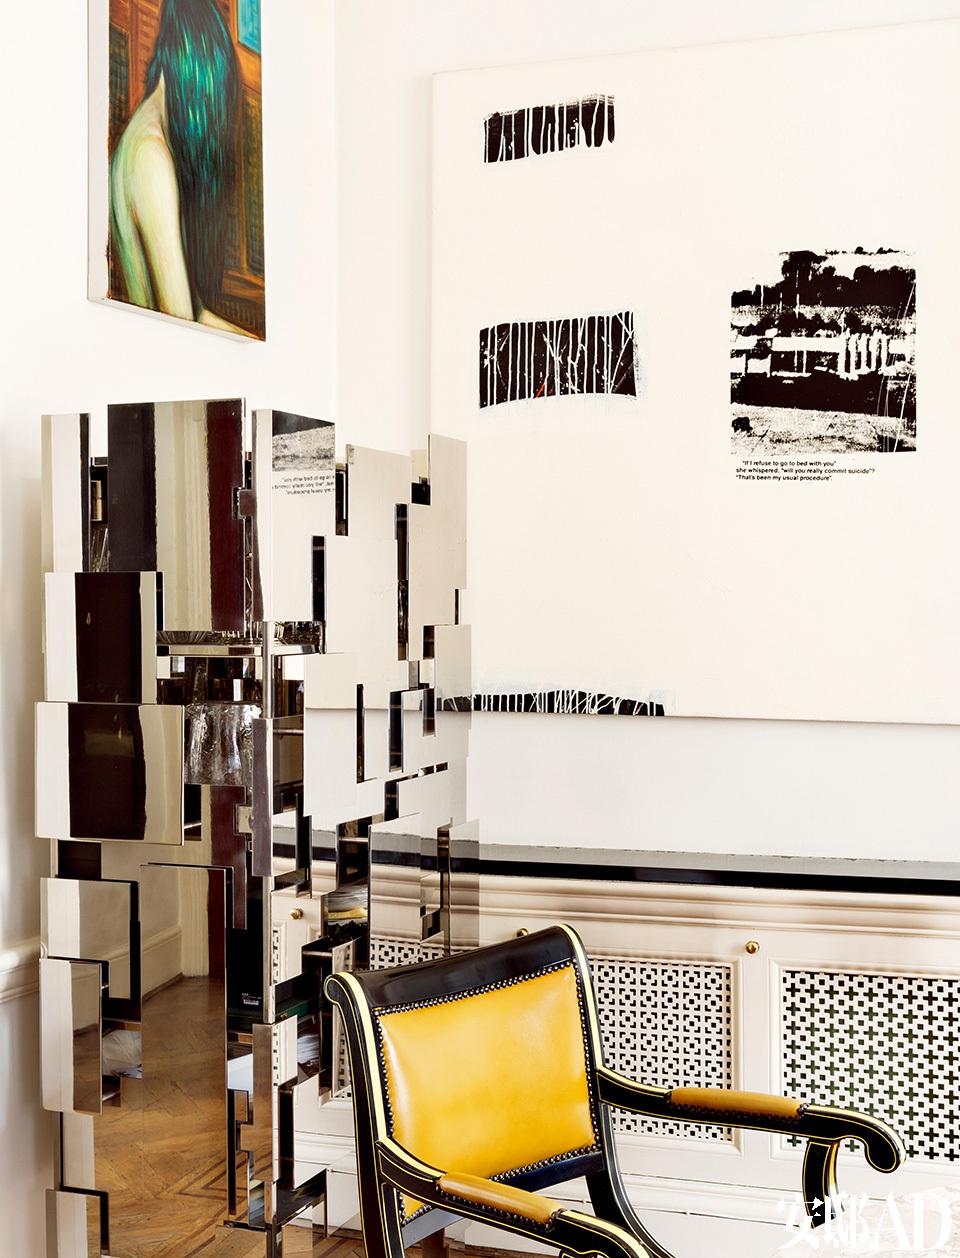 """餐厅的一角,名为""""Strata""""的酒柜由镜面不锈钢制成,是Mattia Bonetti为David Gill艺廊设计的限量款,酒柜上方挂着Steven Shearer的画作,右侧的黑白画作来自Richard Prince。"""